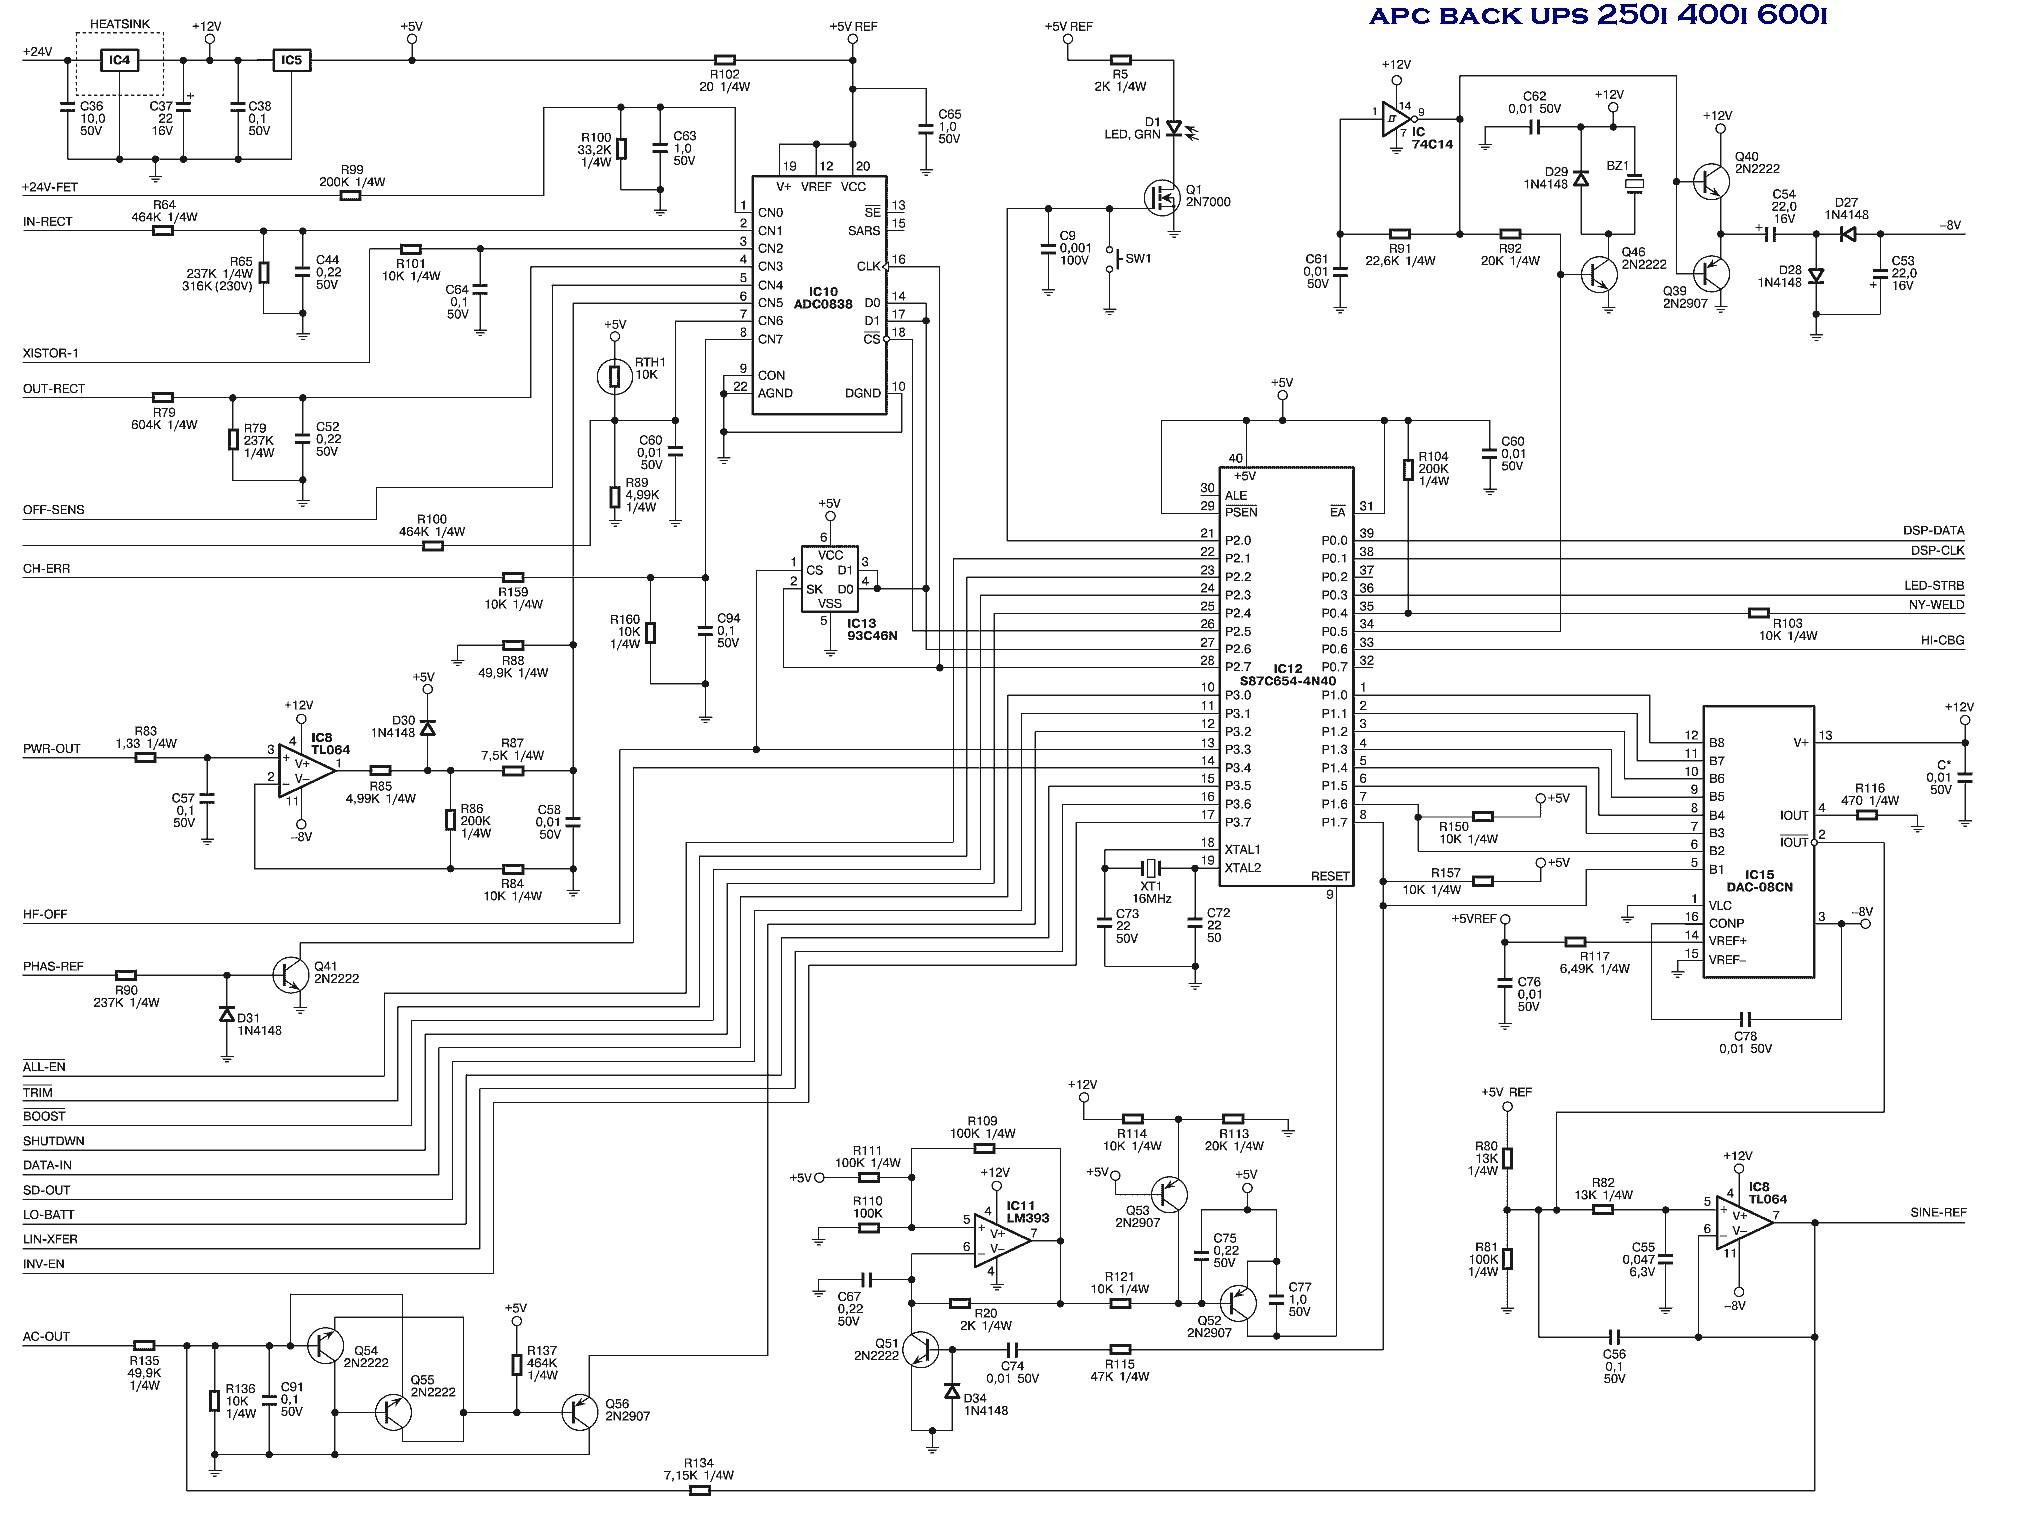 apc back ups diagram